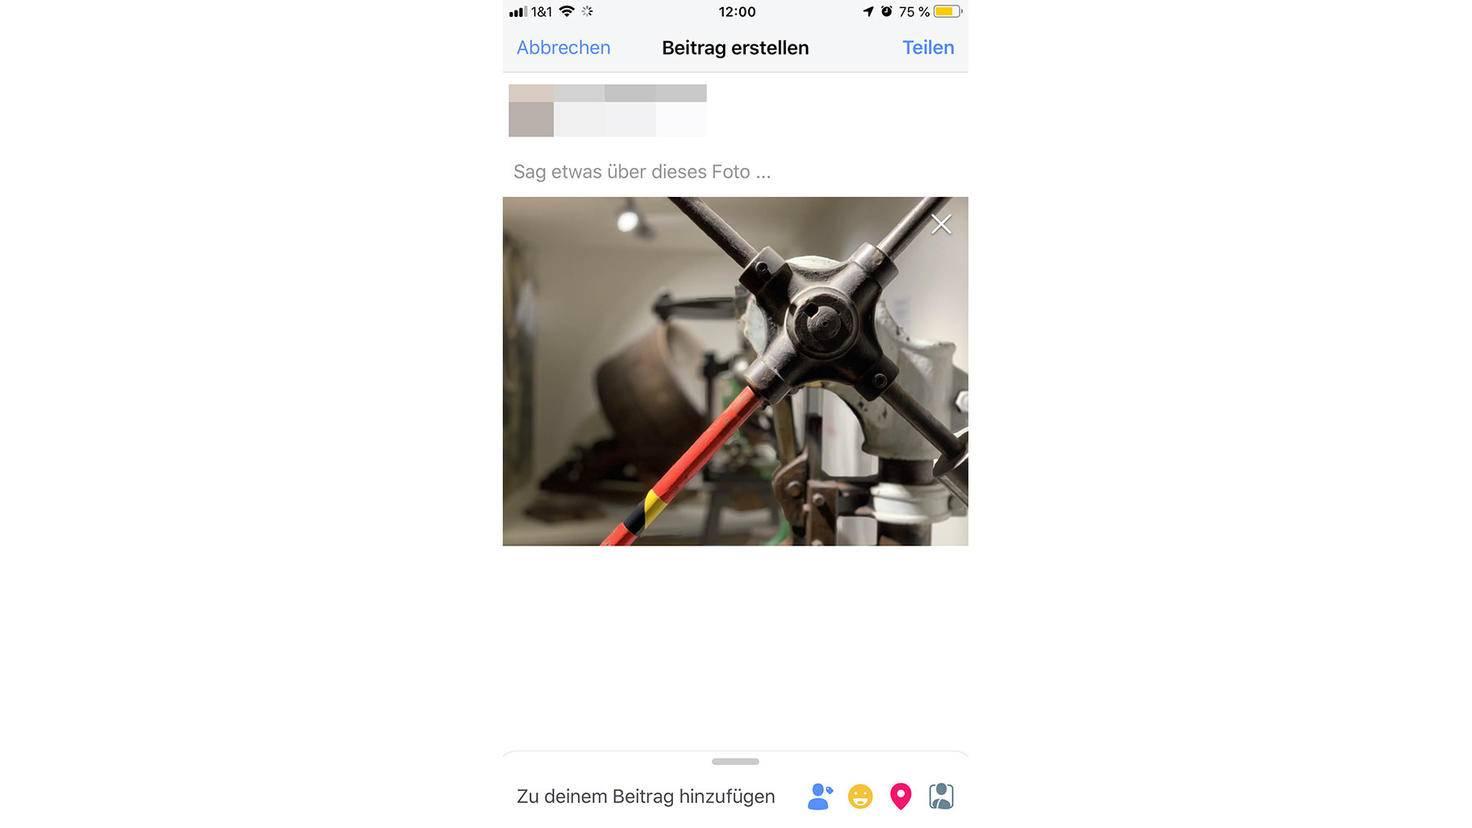 ...um das 3D-Bild auf Facebook posten zu können.